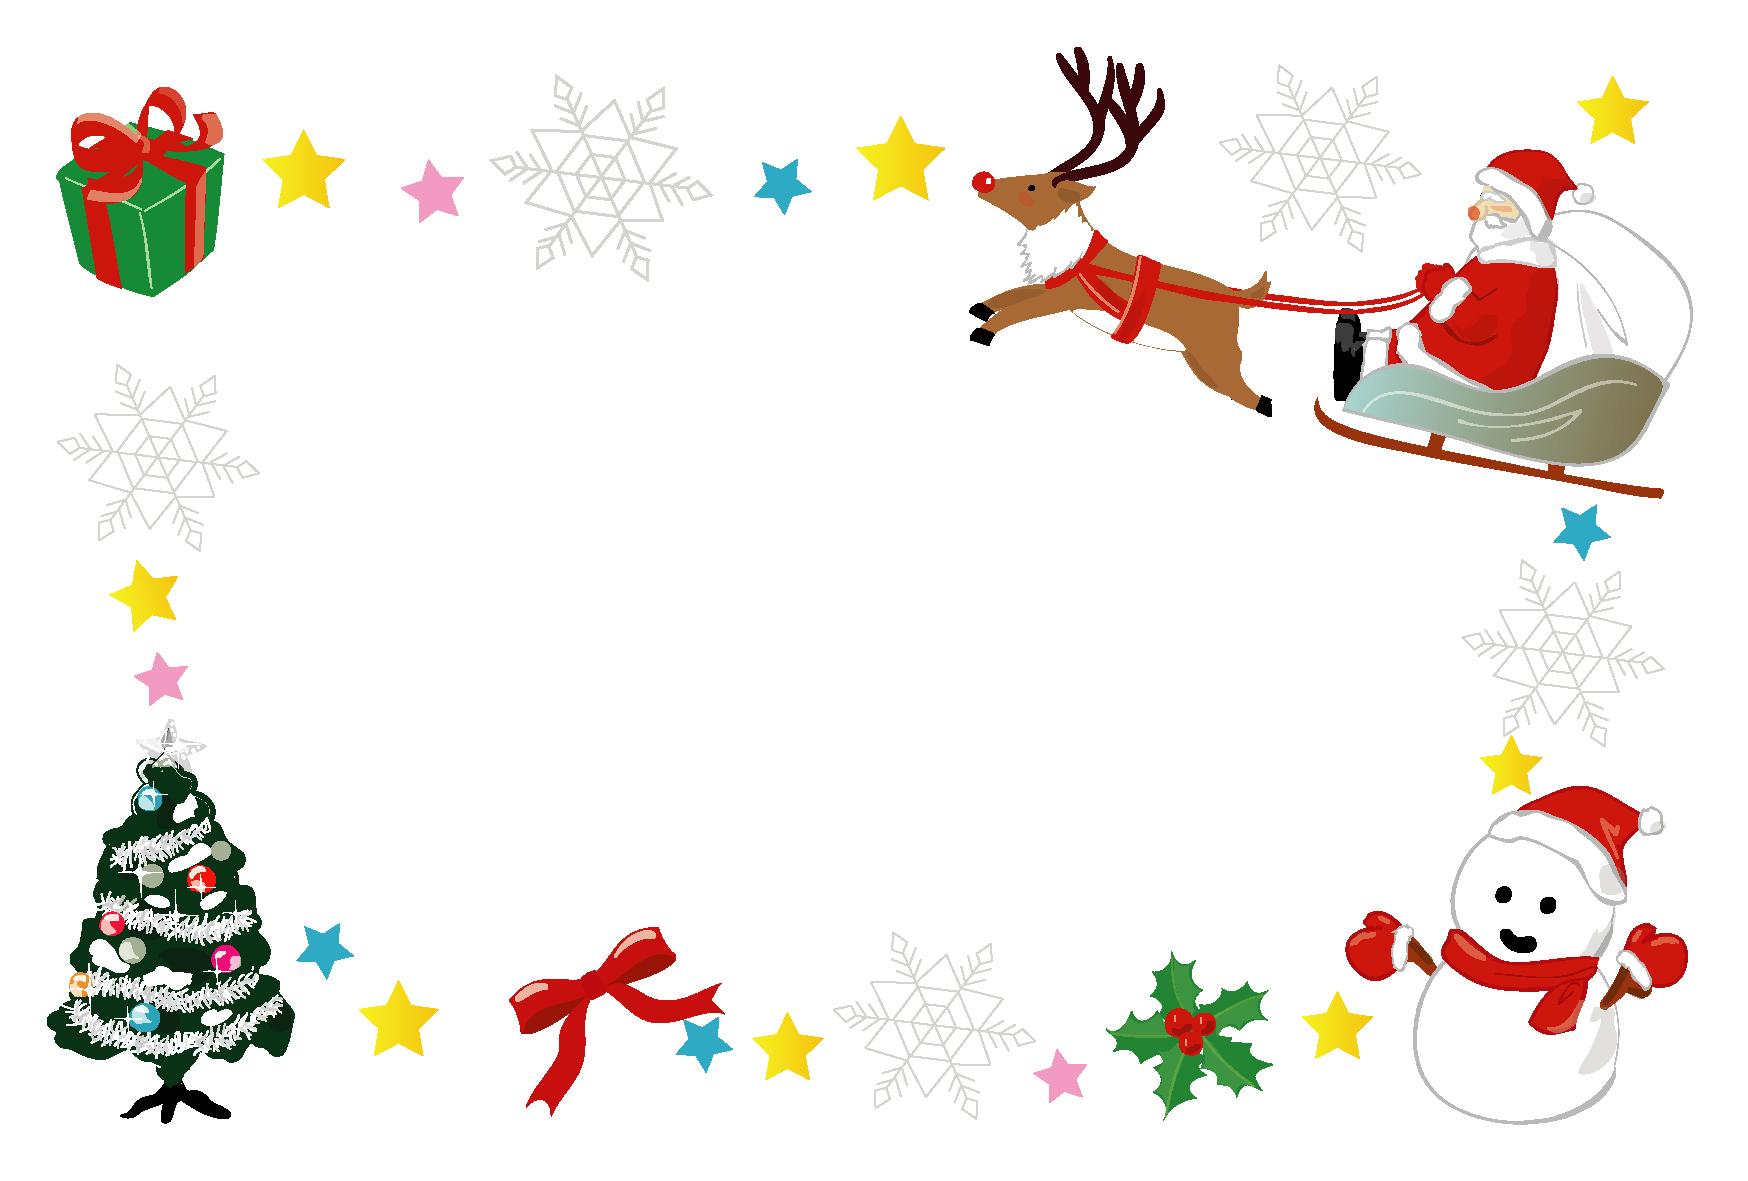 カード クリスマスカード 無料ダウンロード : クリスマスカードテンプレート ...